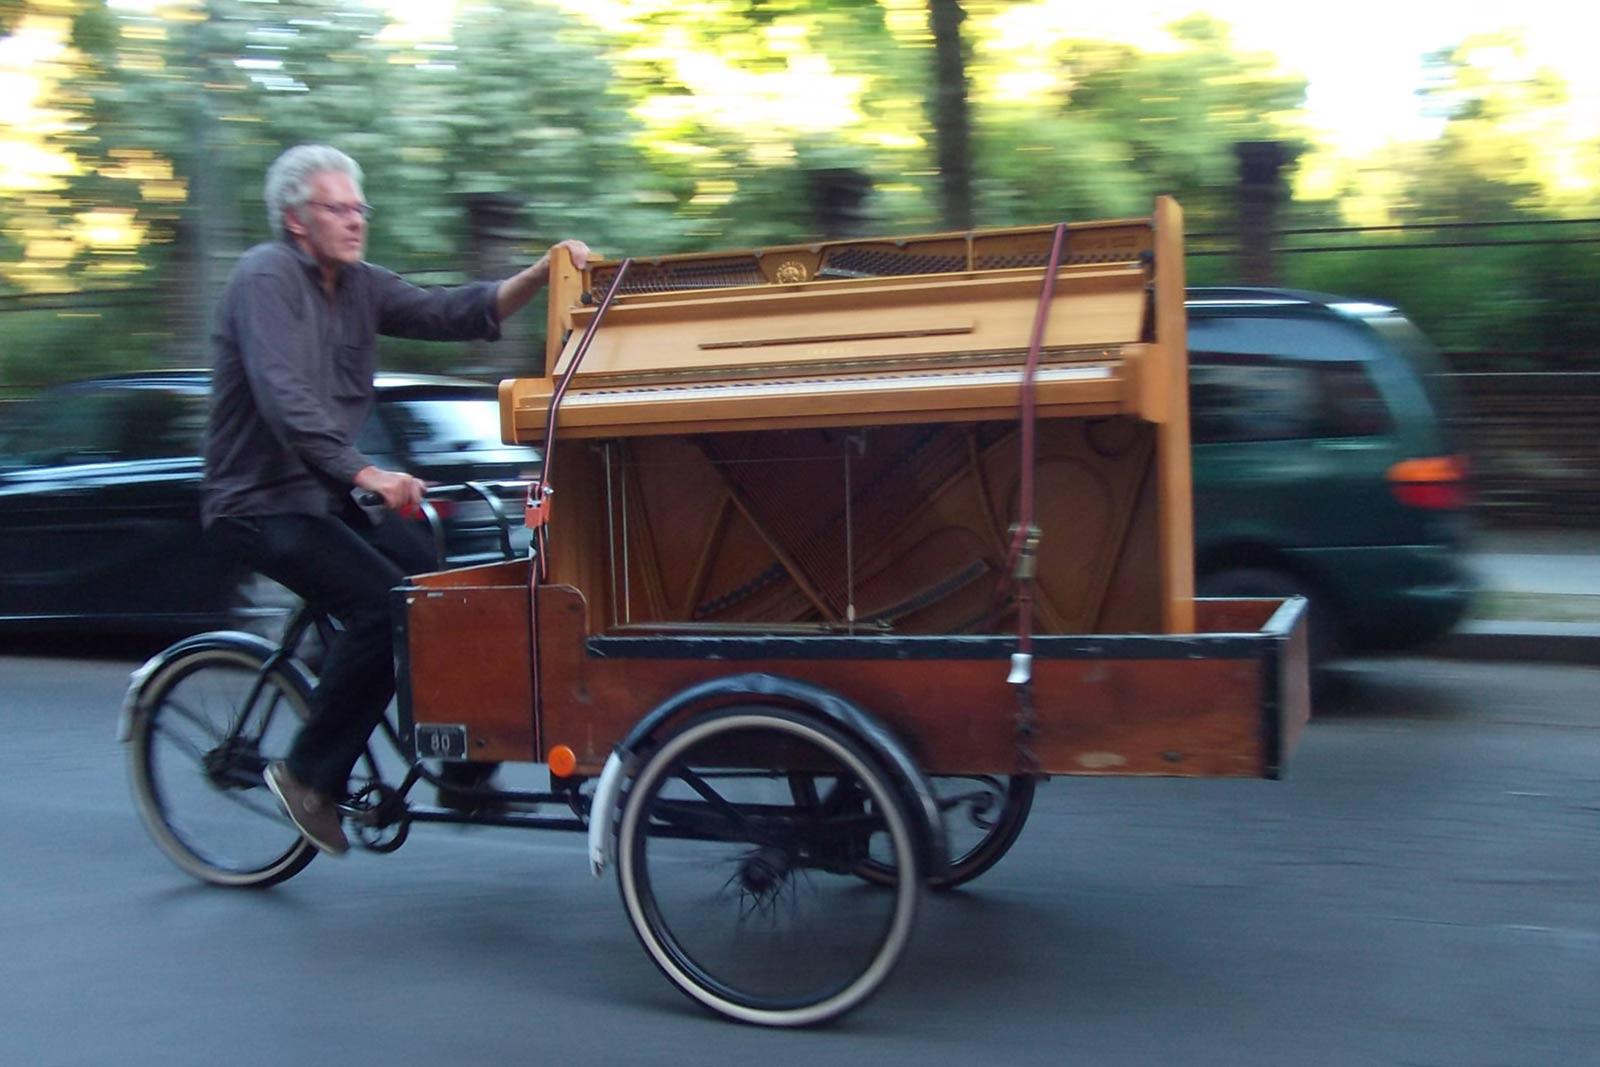 Ein Mann transportiert ein Klavier aus hellem Holz vorne auf einem Lasenrad.